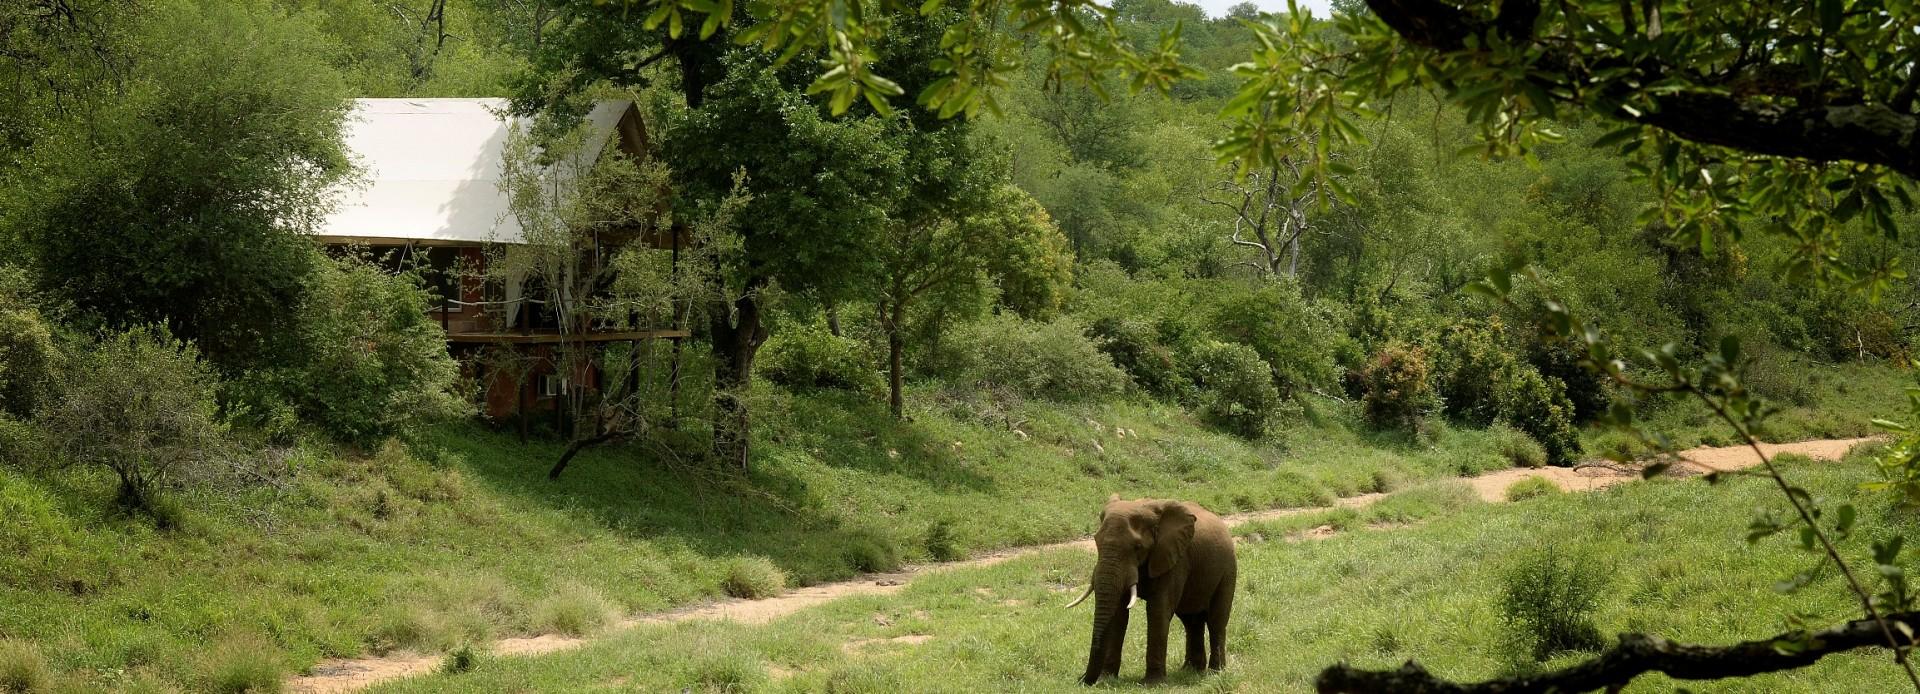 Südafrika Elefant vor einem Zelt des Garonga Safari Camps